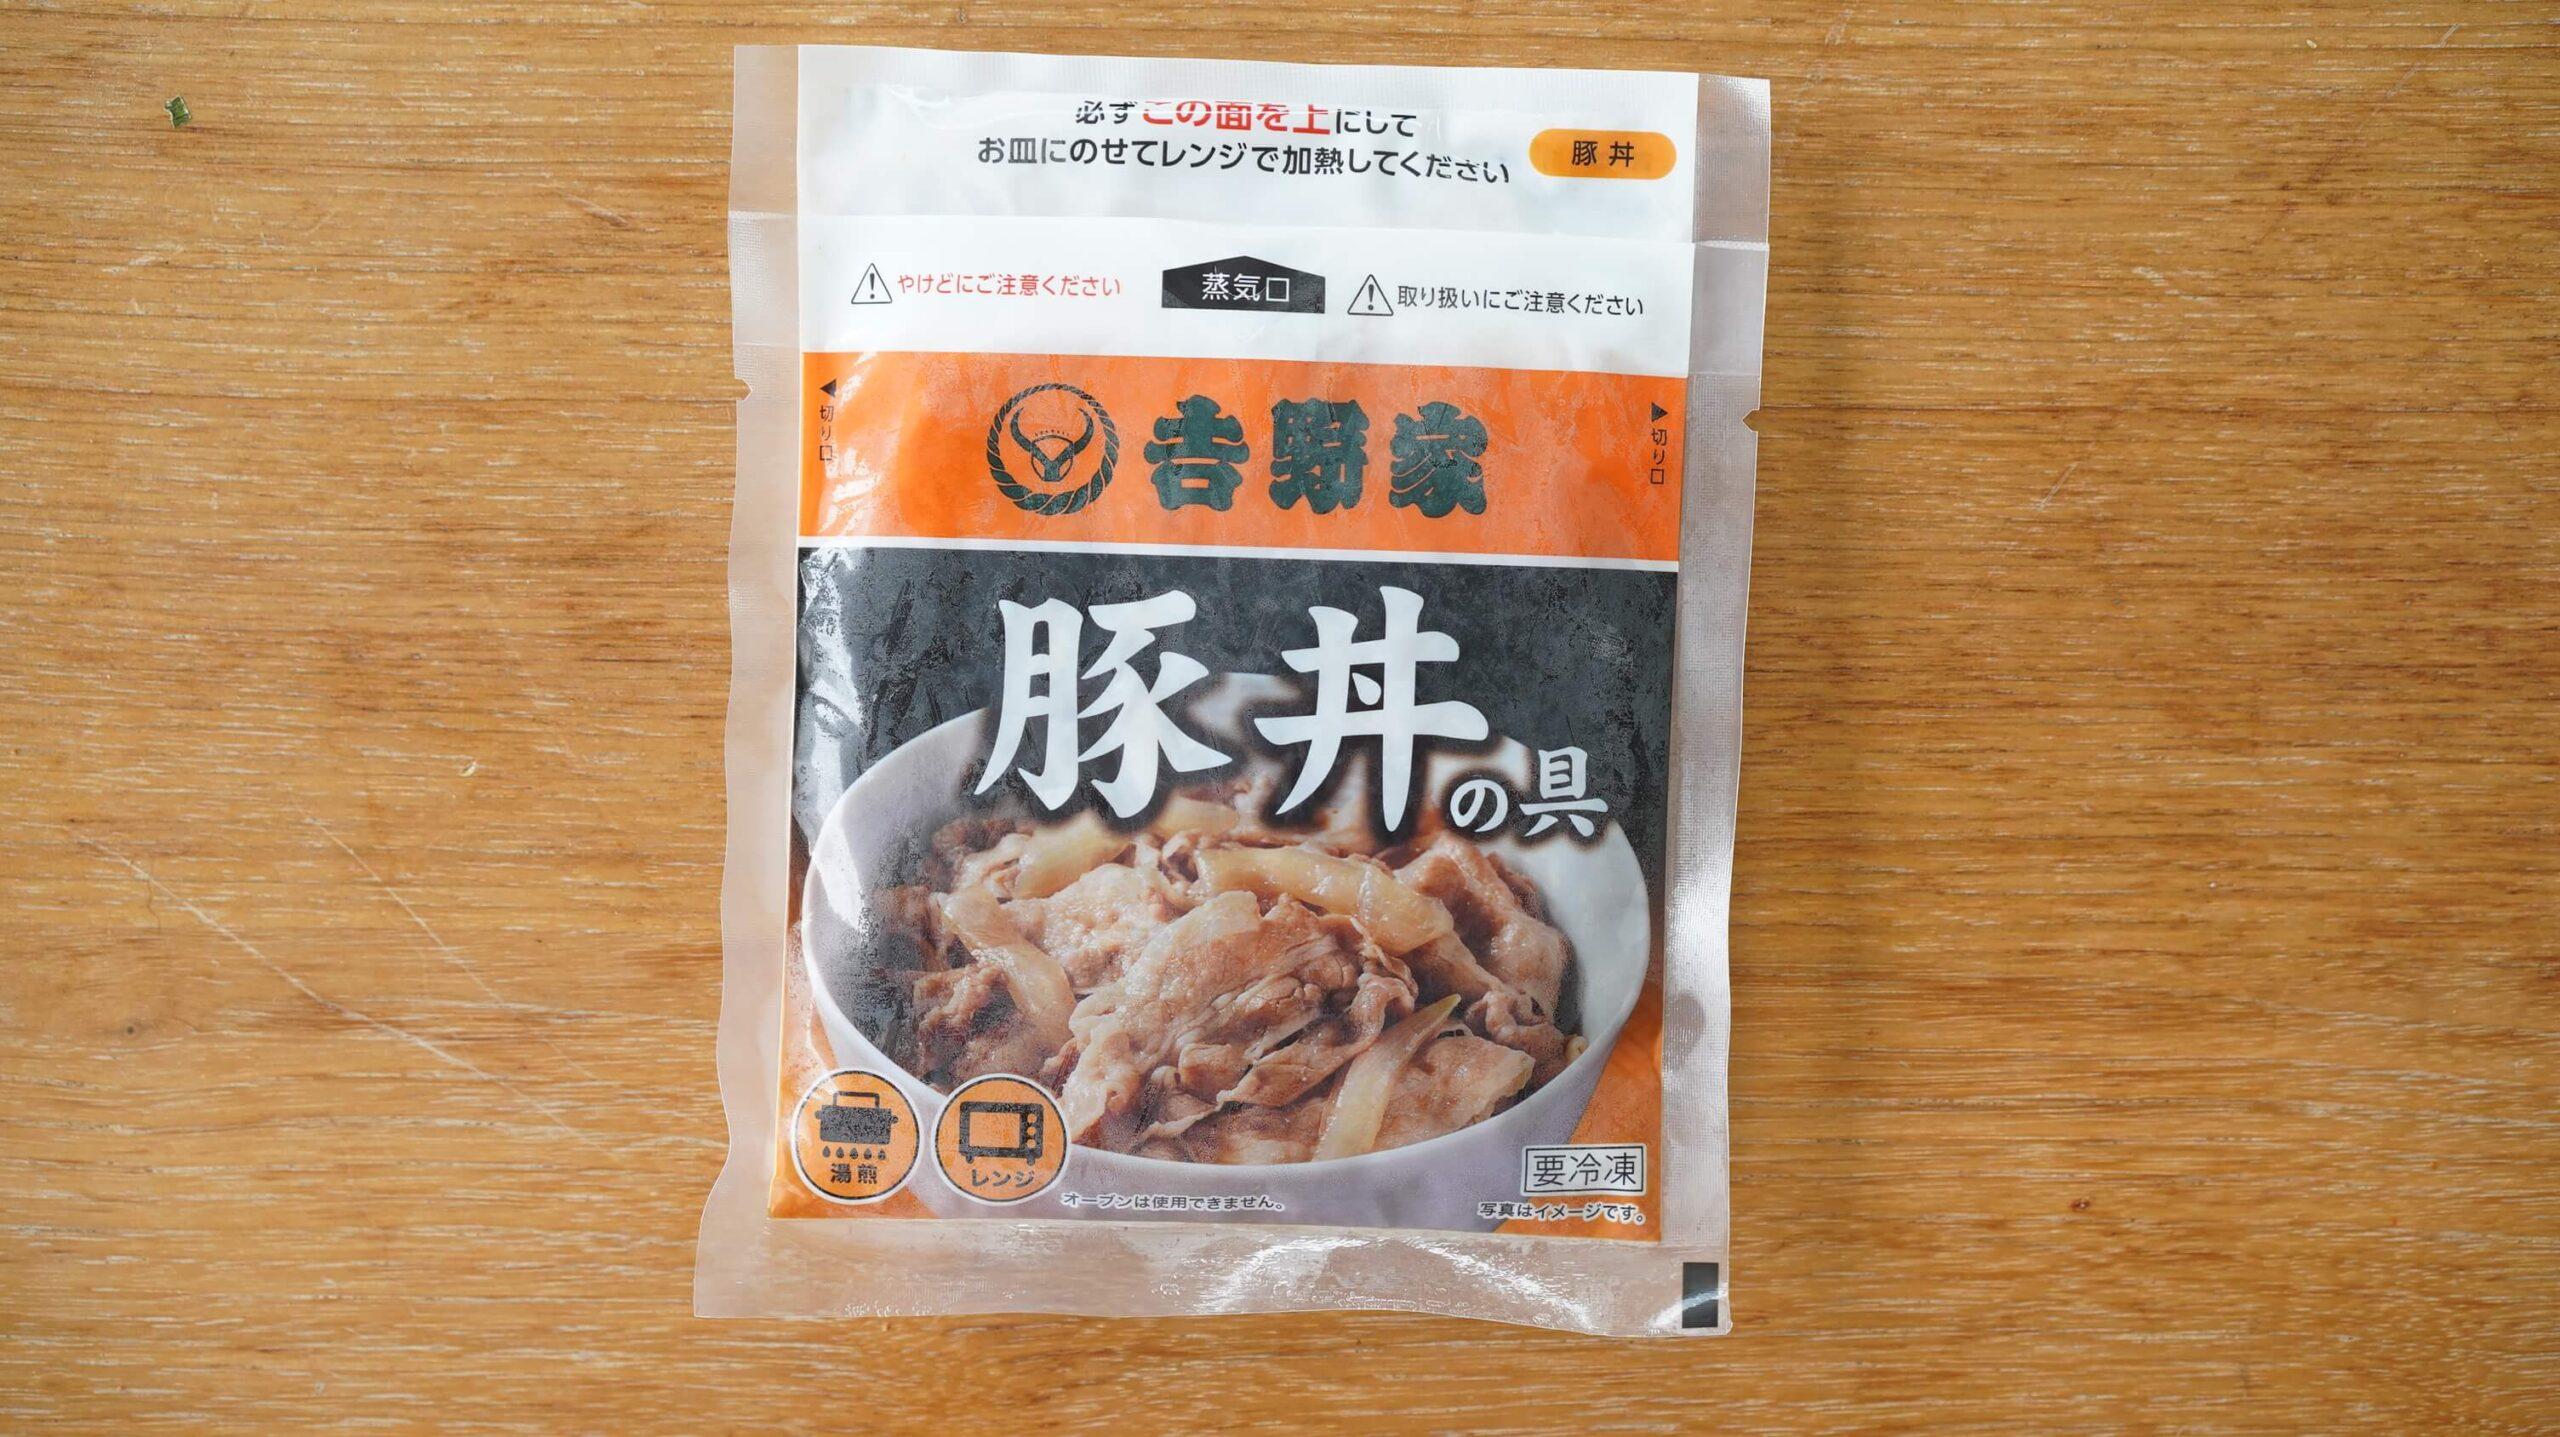 吉野家の冷凍食品「豚丼」のパッケージの写真